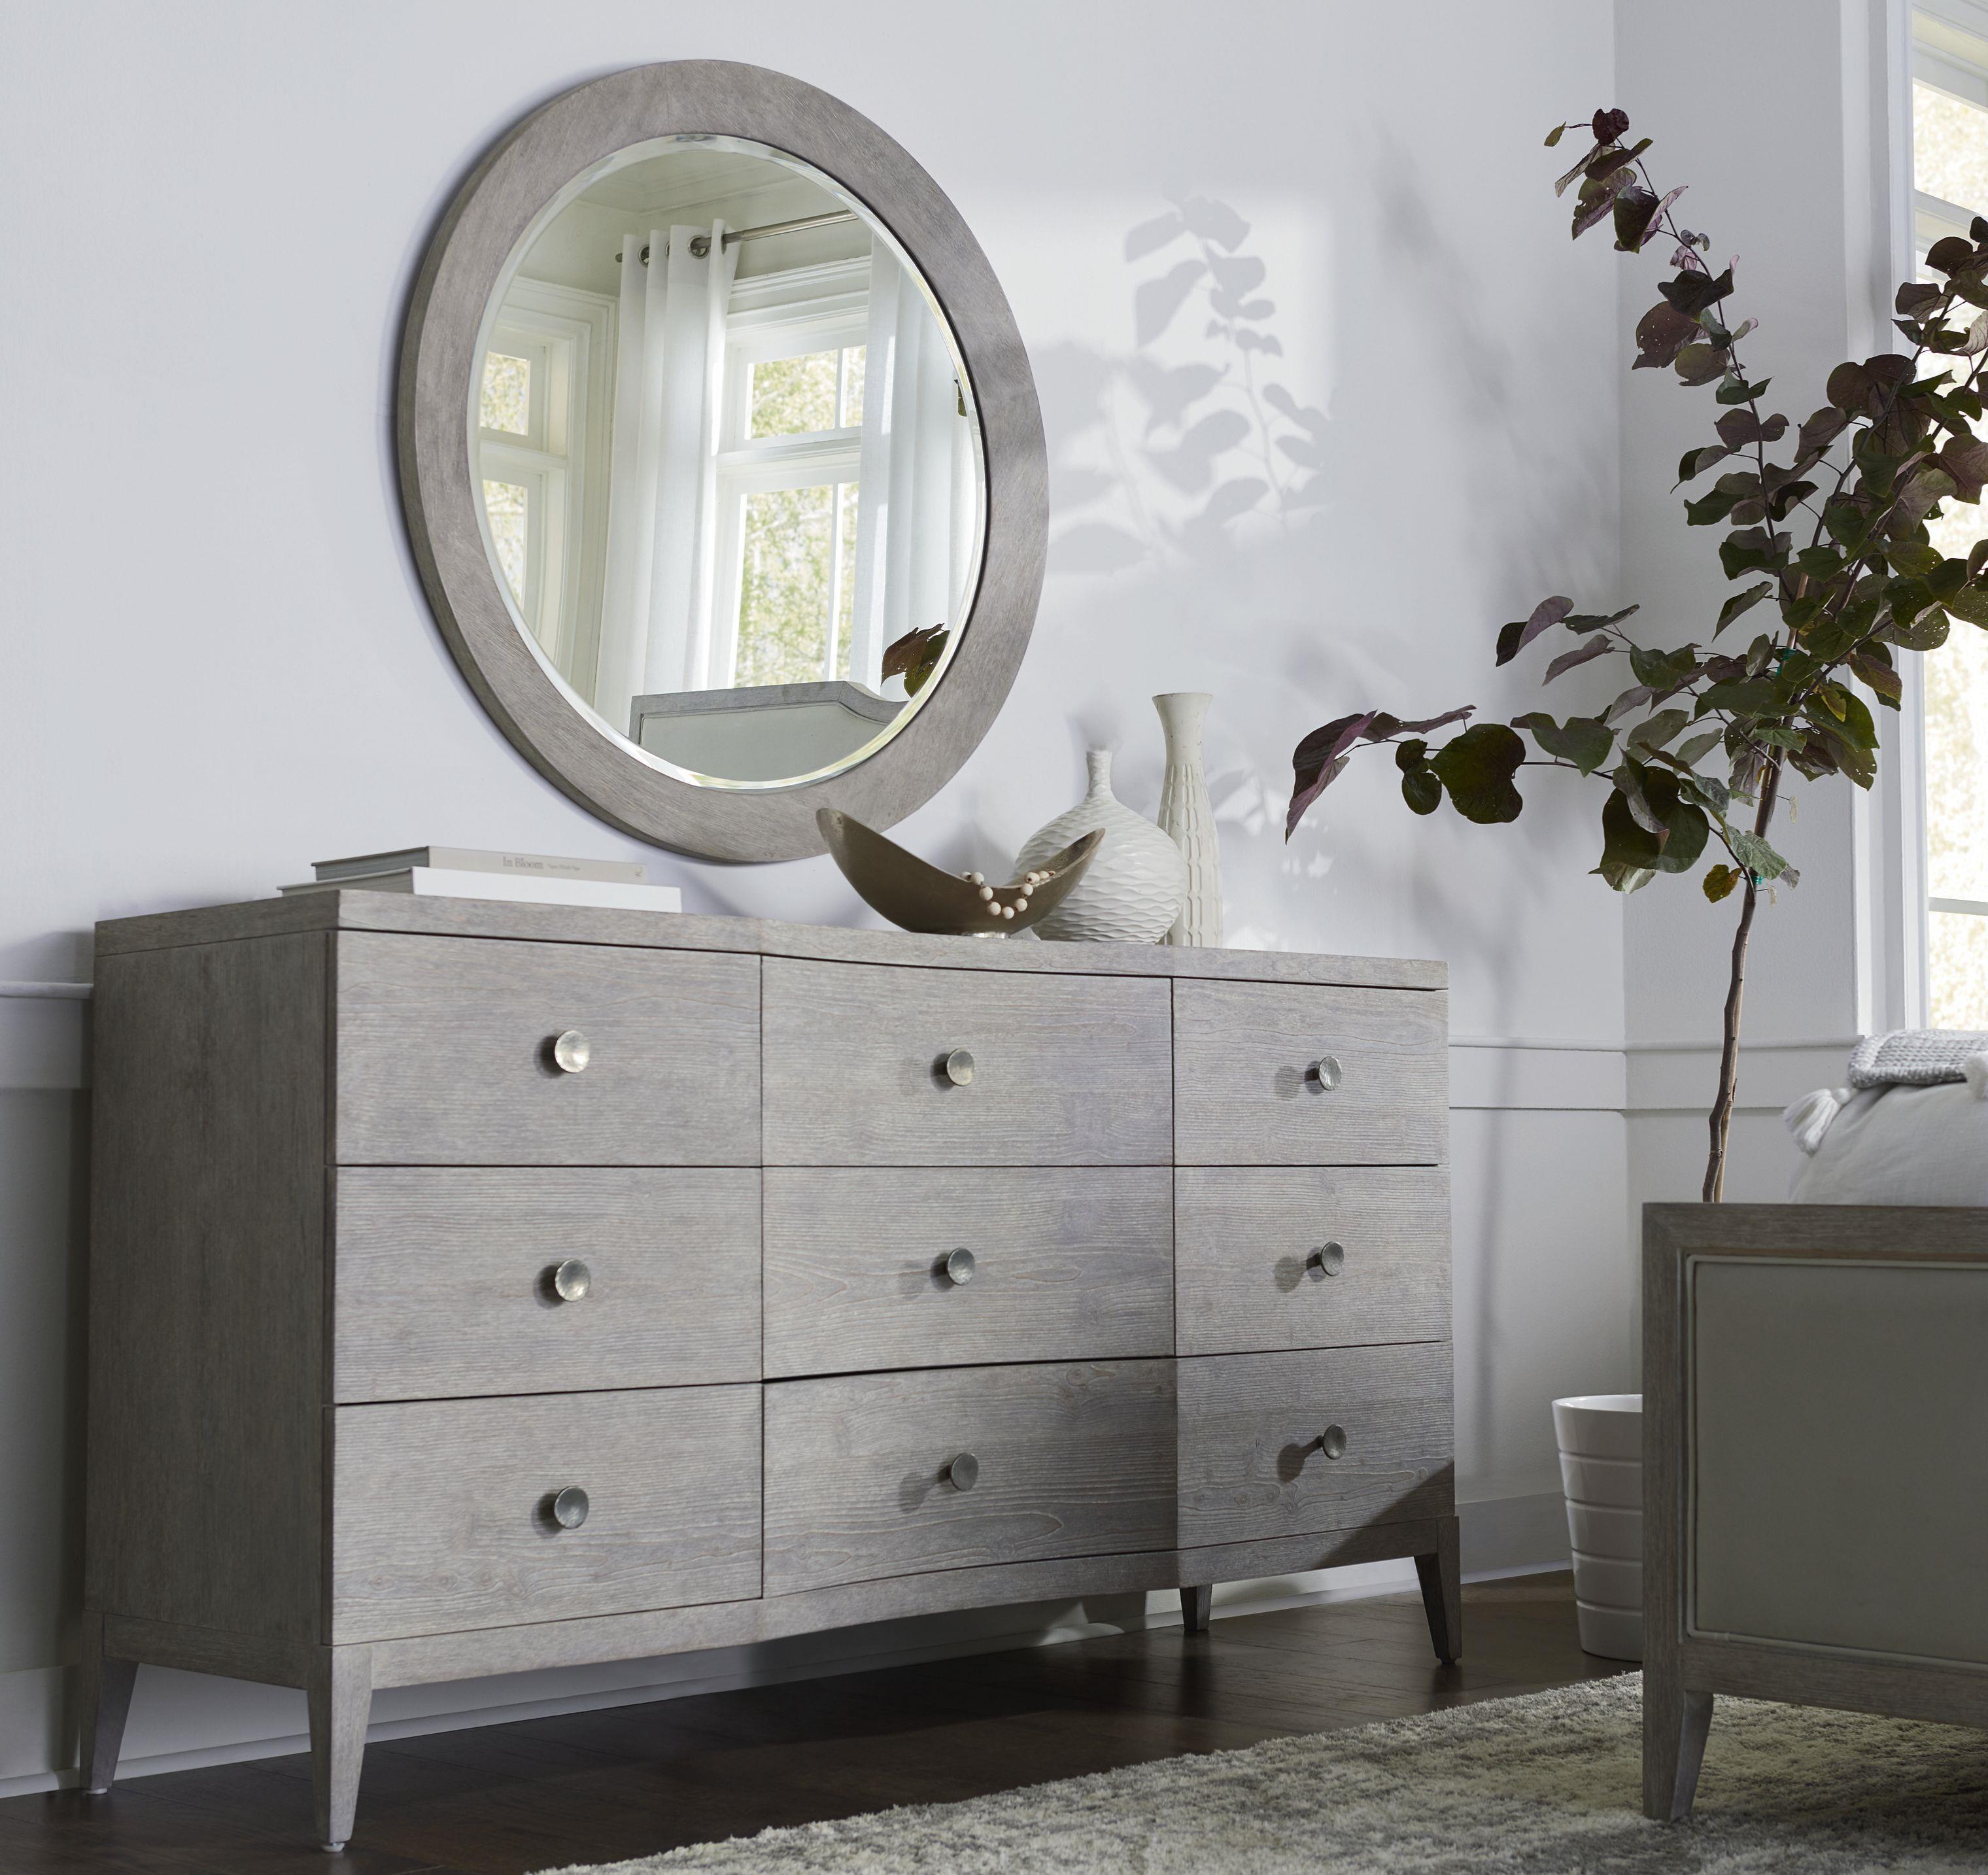 Dresser & Round Mirror